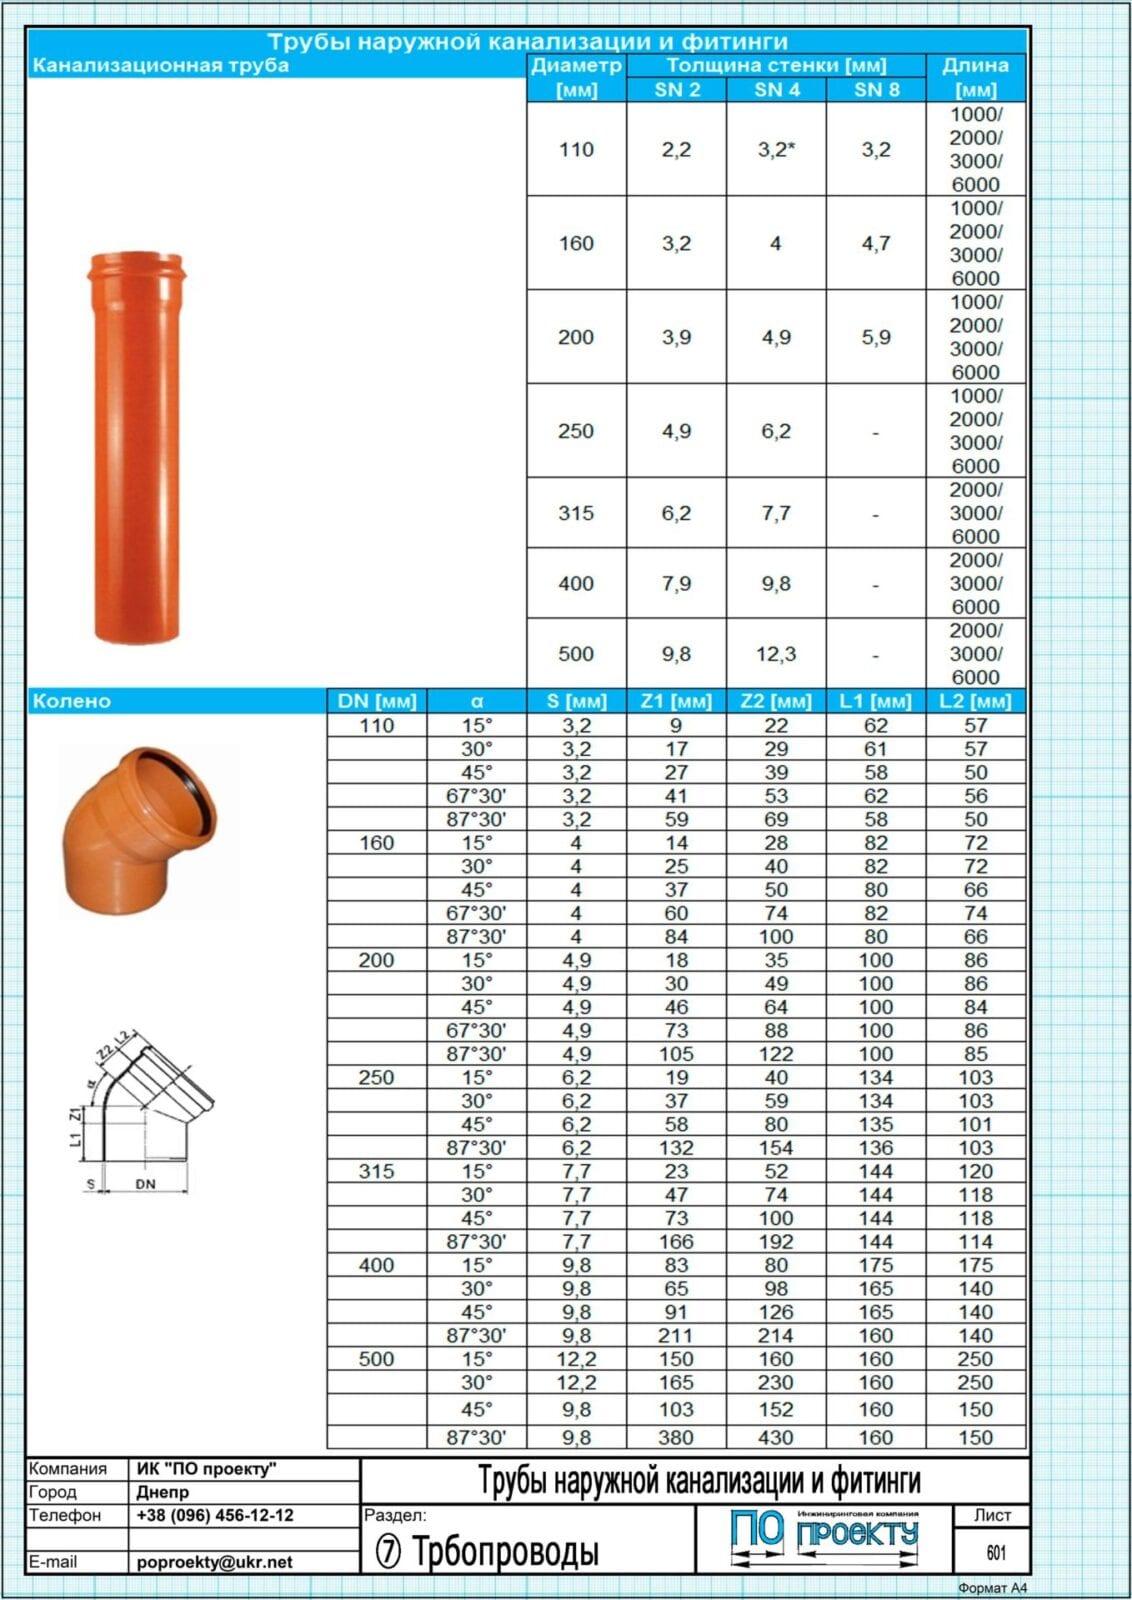 Пластиковые трубы: материал изготовления, маркировка, виды труб для разного применения